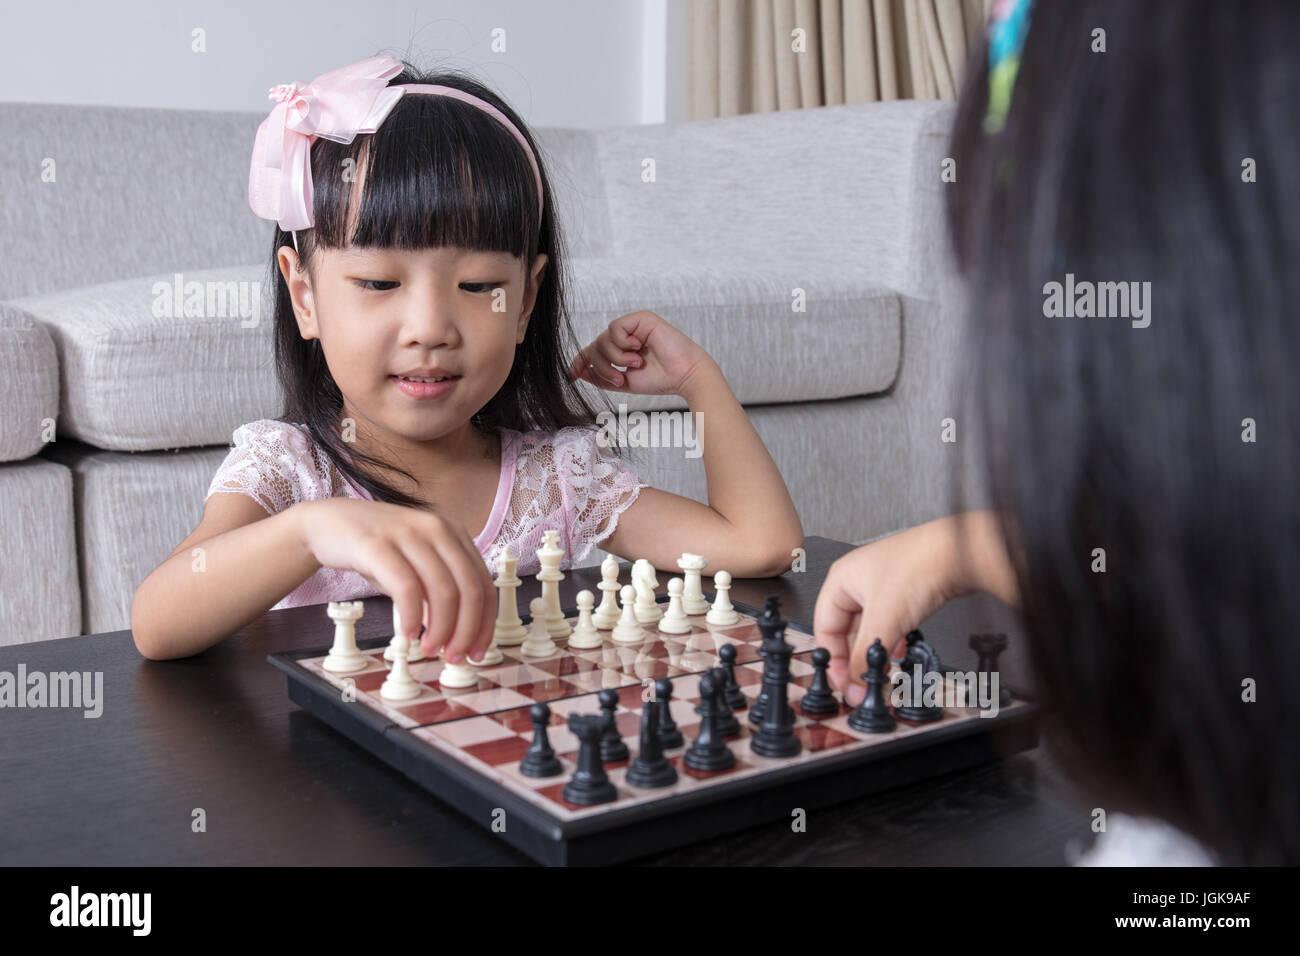 Chino Asia hermanitas jugando ajedrez juntos en el salón de casa. Foto de stock